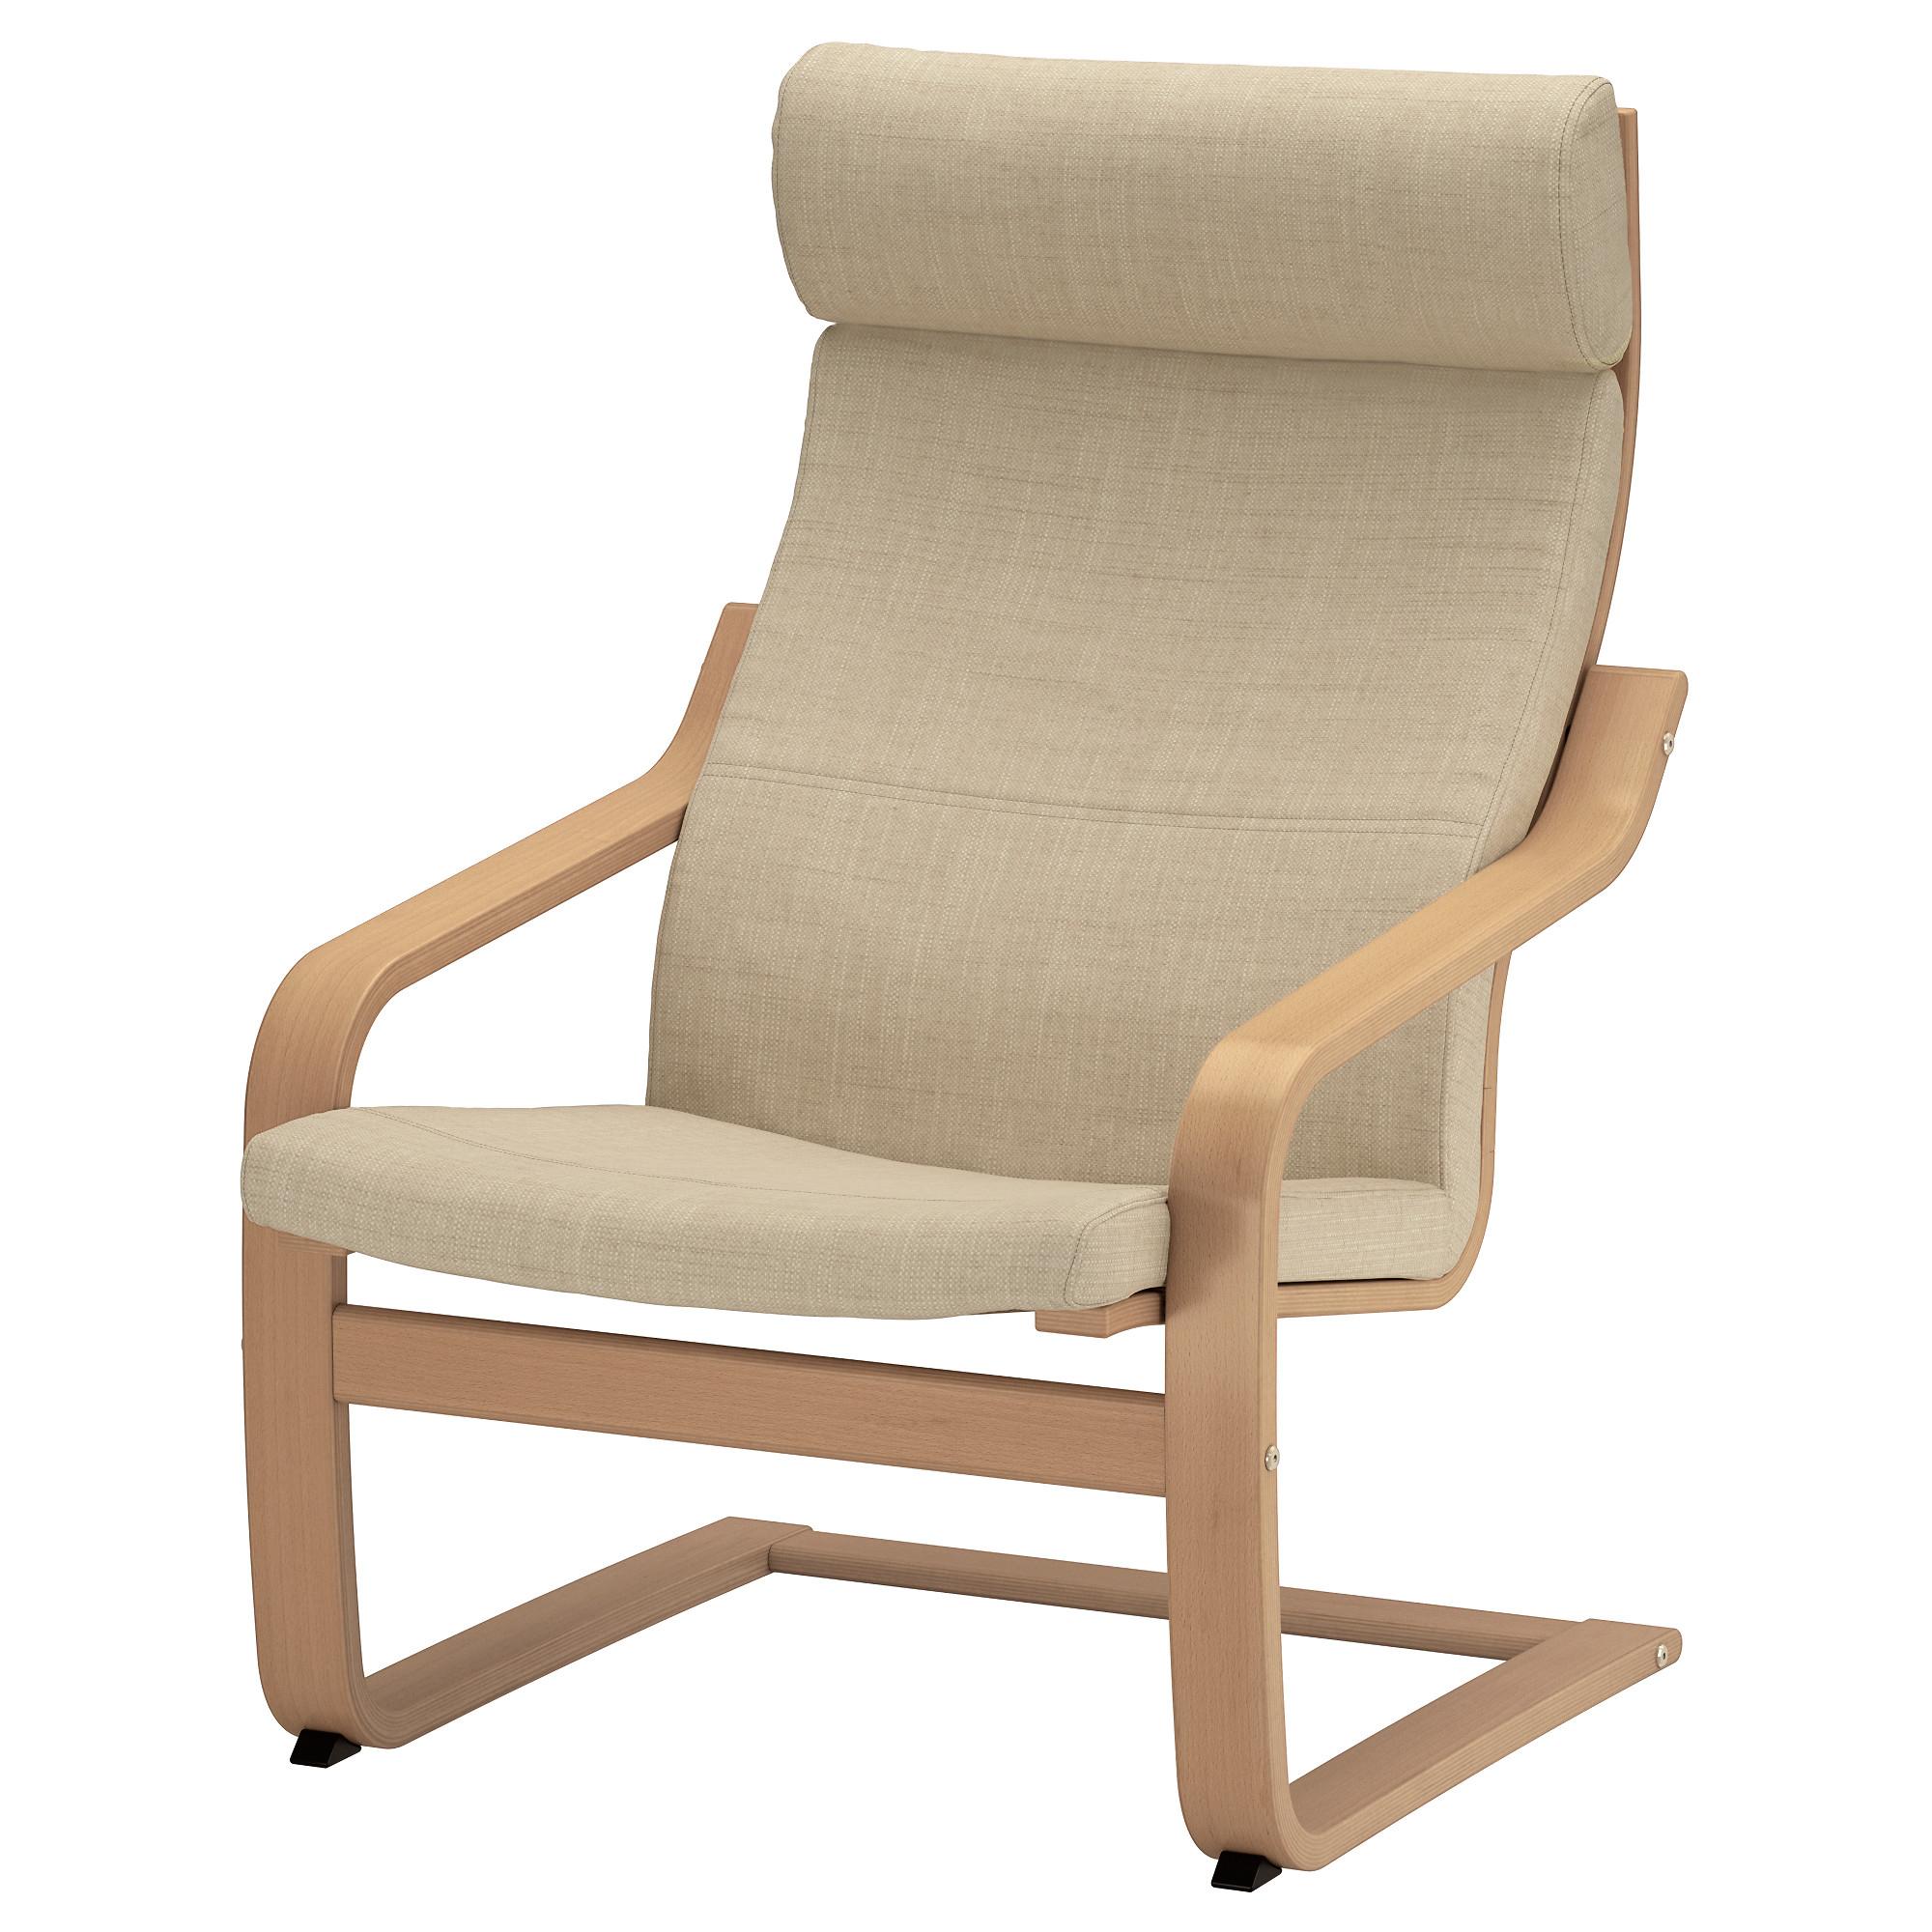 ikea poäng(der komische ikea stuhl) gestell+bezug viele modelle für